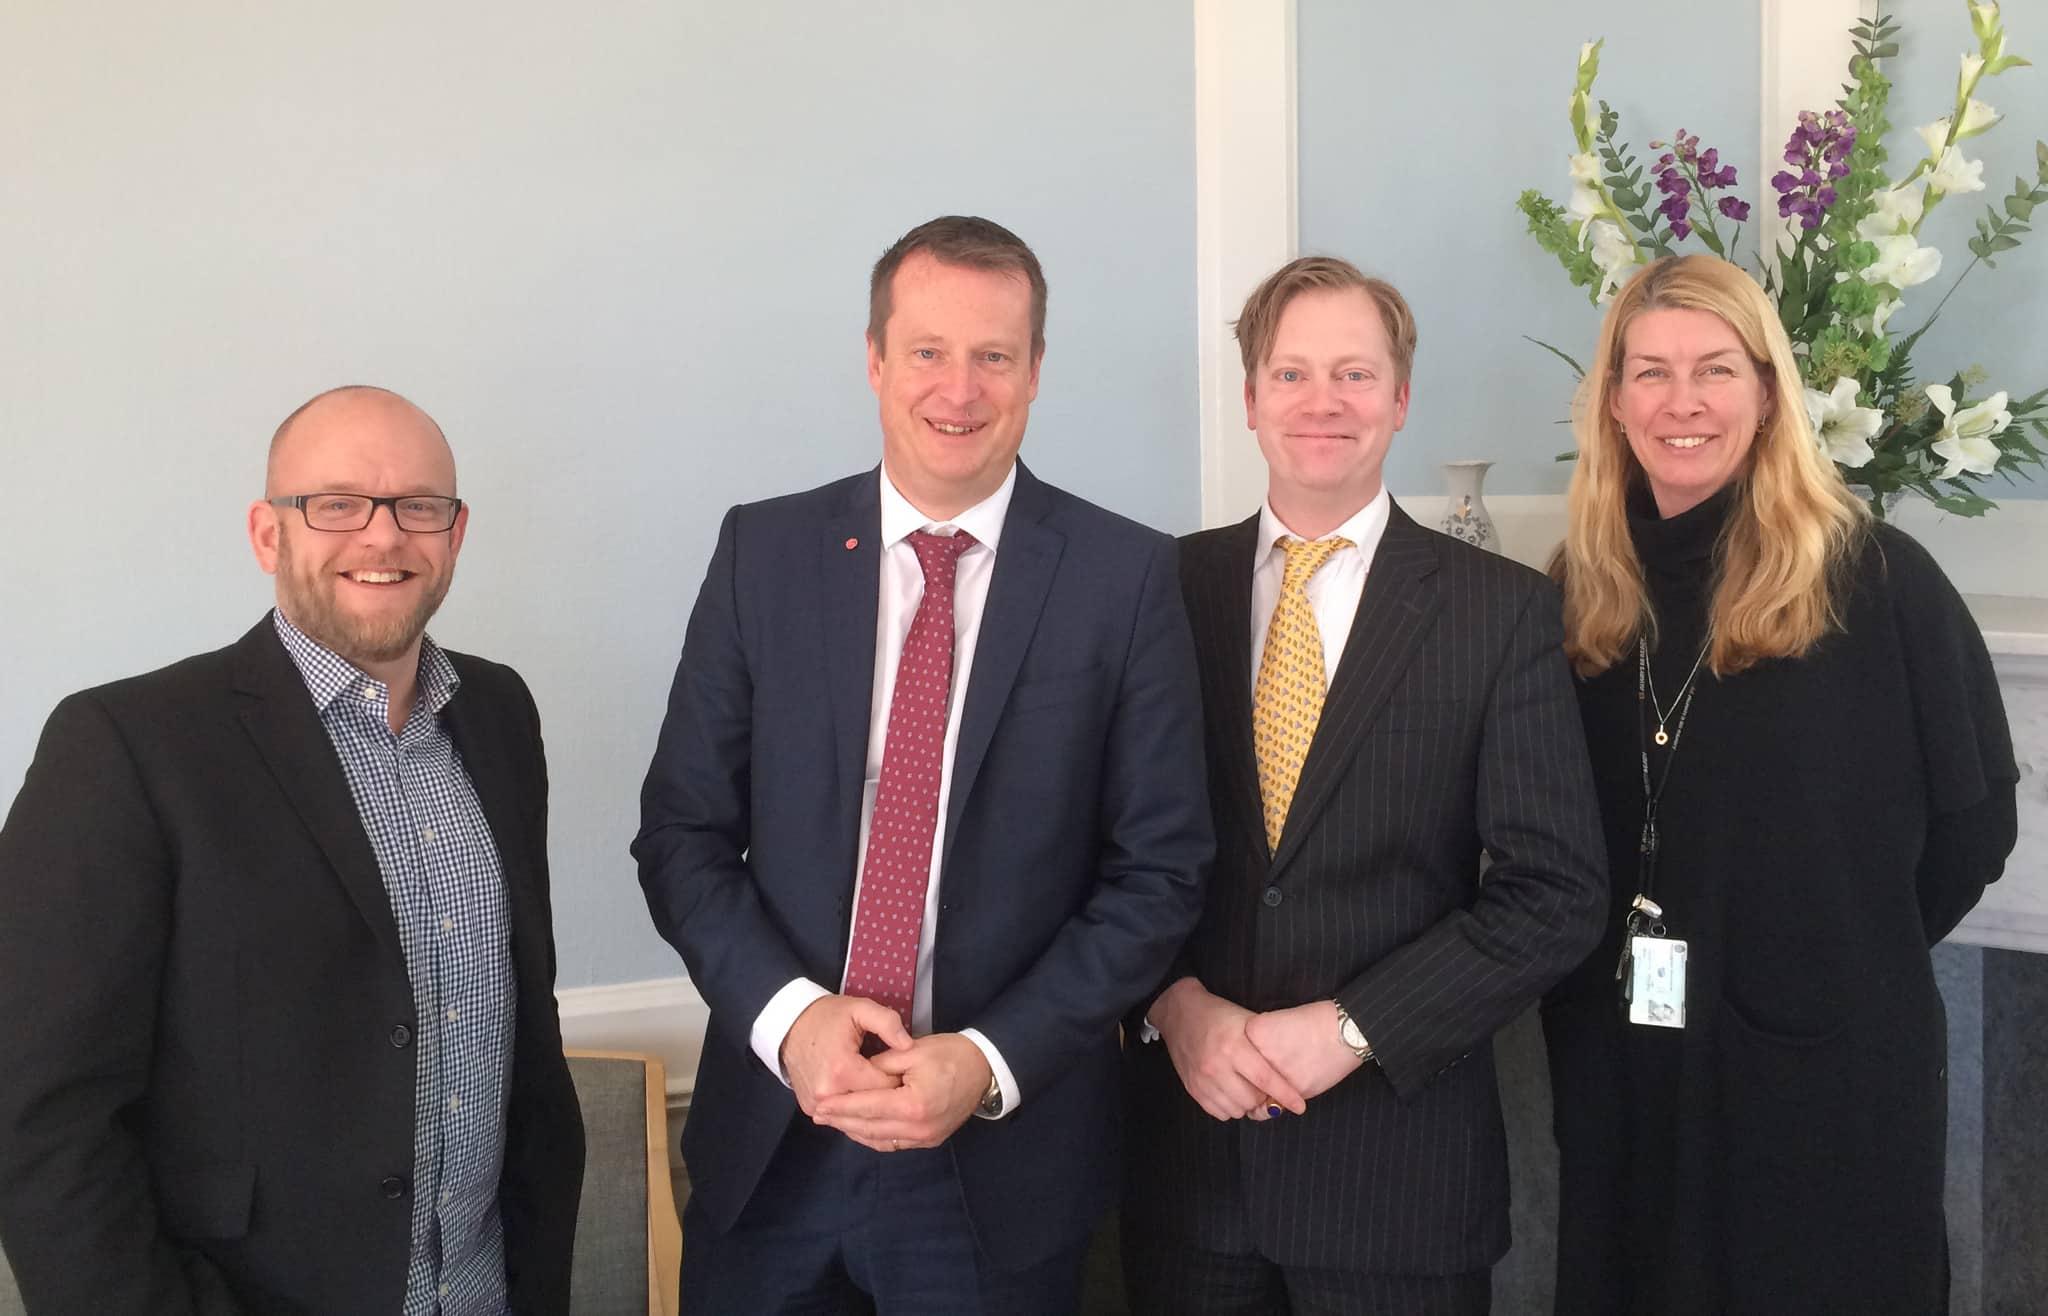 Landslagsskyttarna Robert Andersson, Roland Dahlman och Marianne Hansen tillsammans med inrikesminister Anders Ygeman (S) vid en träff på regeringskansliet. Ministern tvåa från vänster. Foto: Privat